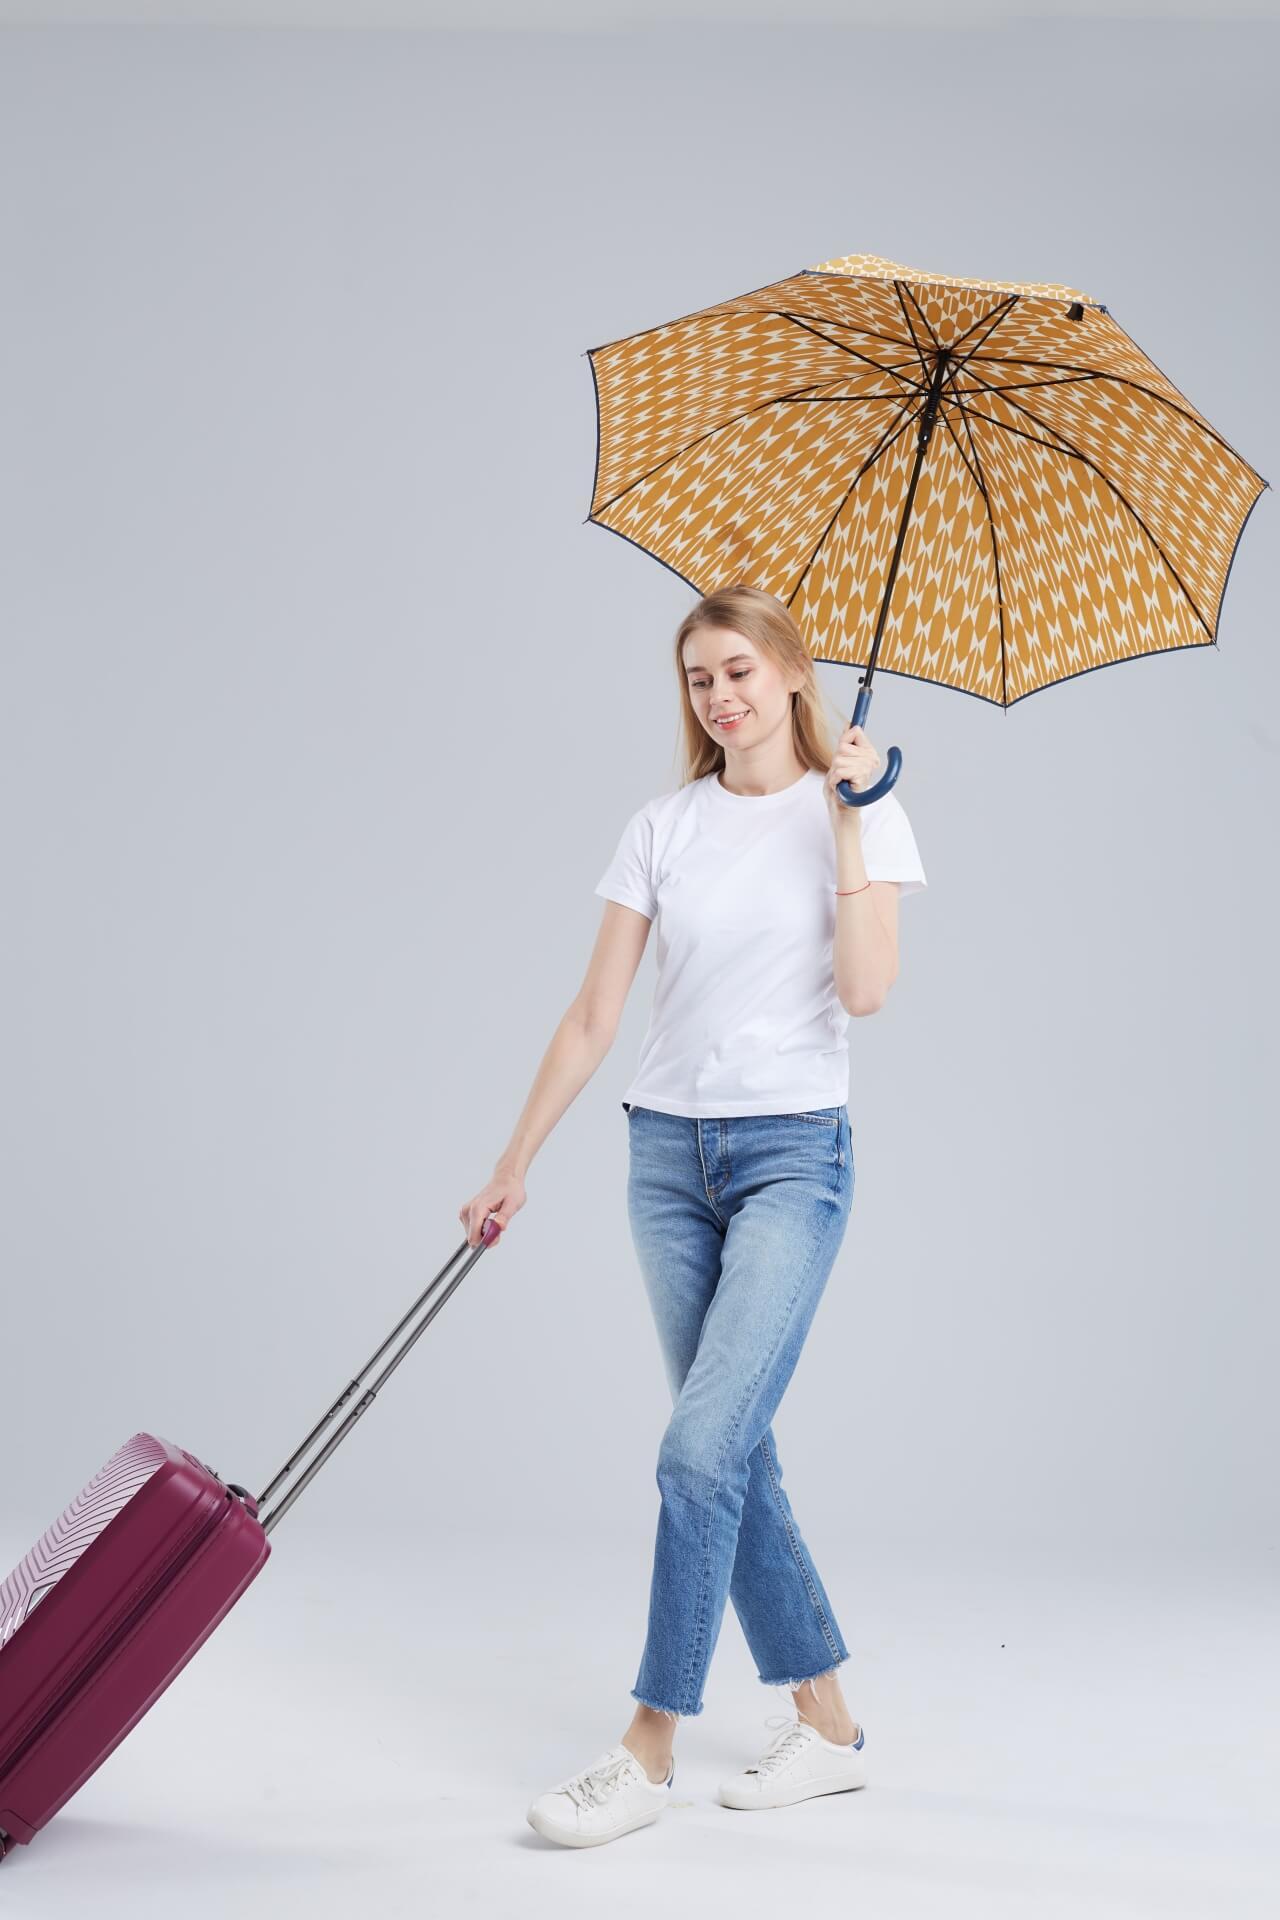 傘をさして赤色のハードタイプのスーツケースをひいている女性